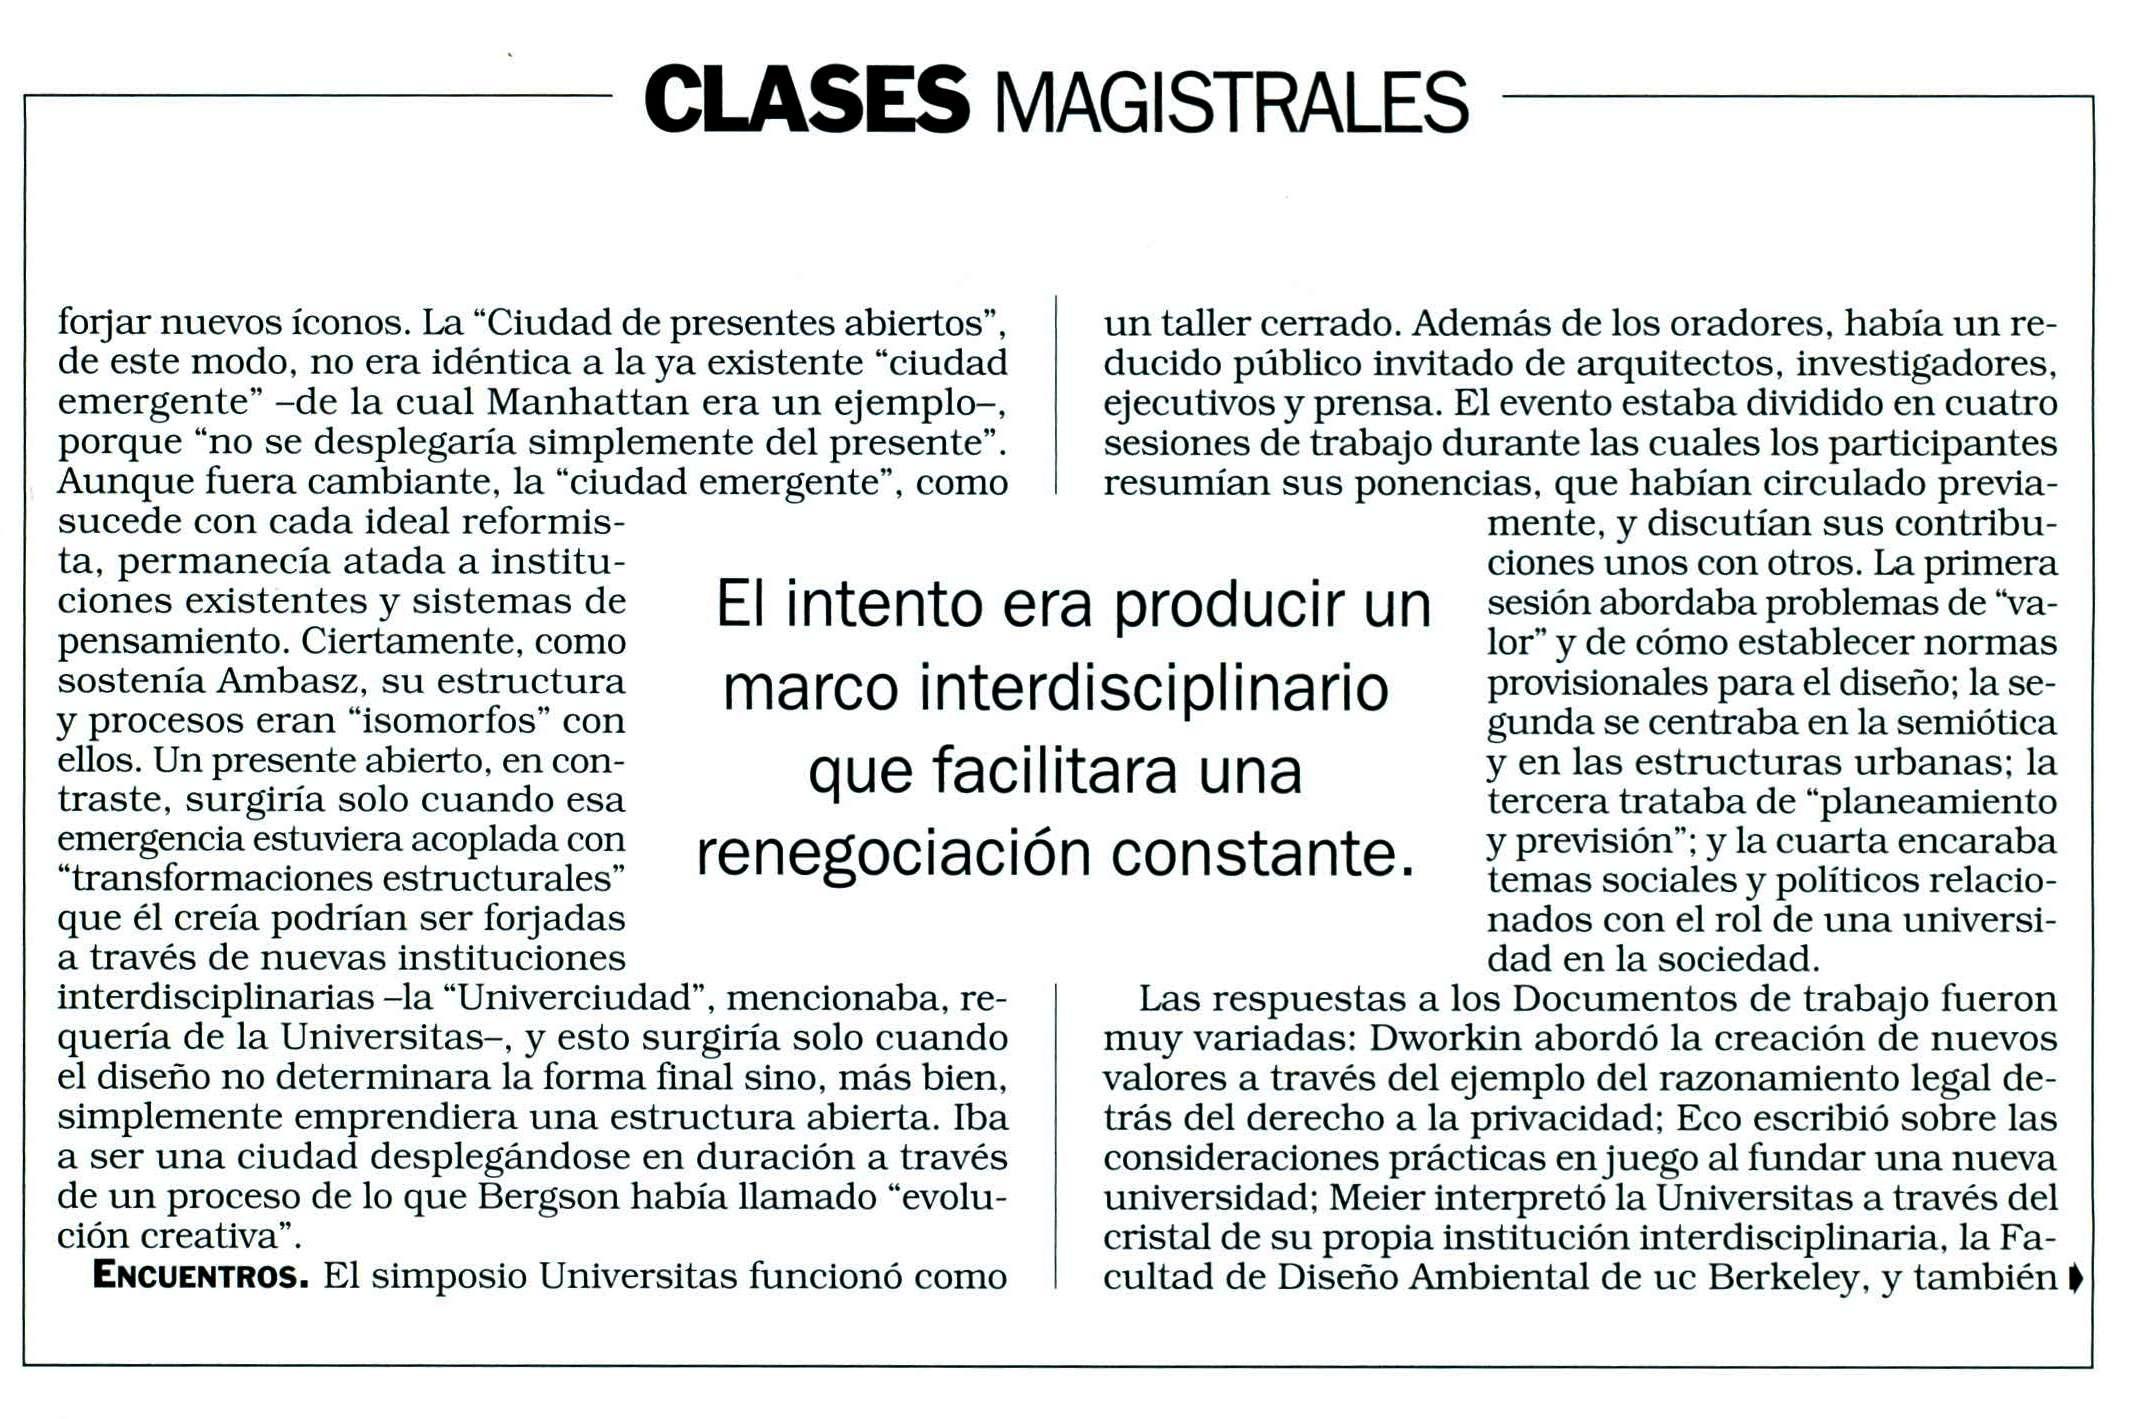 NOTICIAS, 21 DE ABR.5